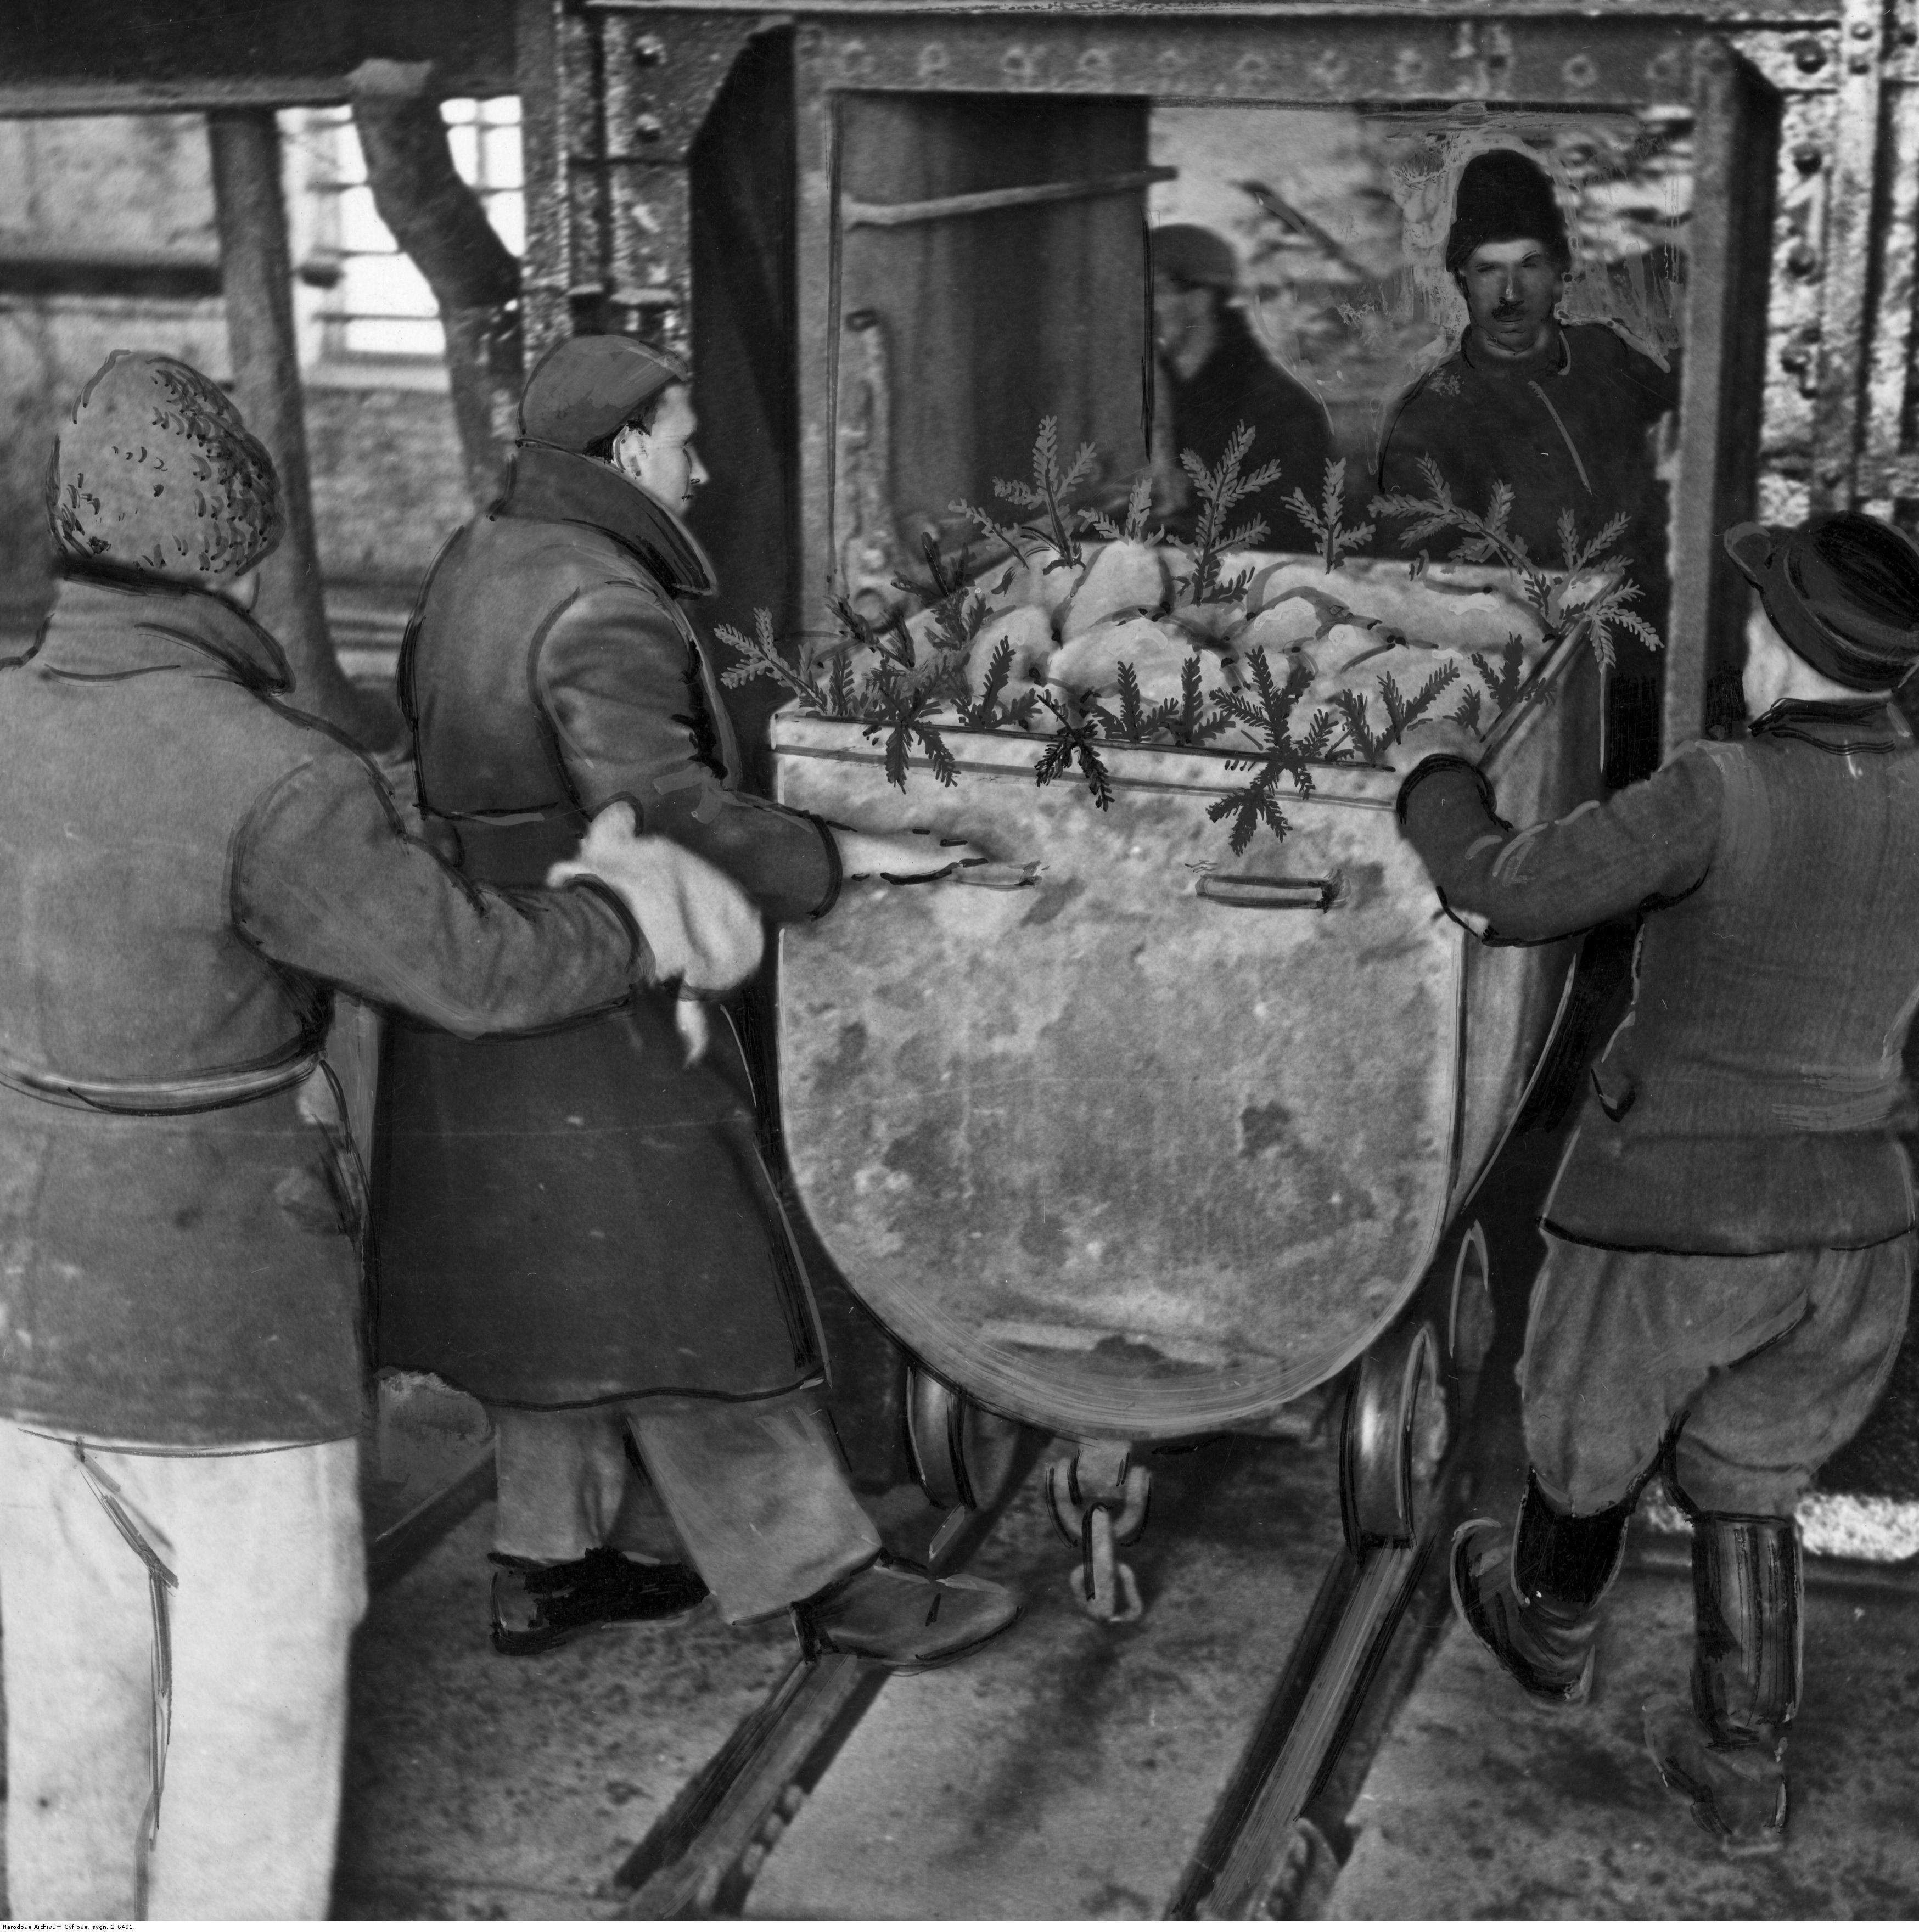 Kopalnia soli potasowych. Górnicy transportują wagonik z bryłami soli, fot. Narodowe Archiwum Cyfrowe